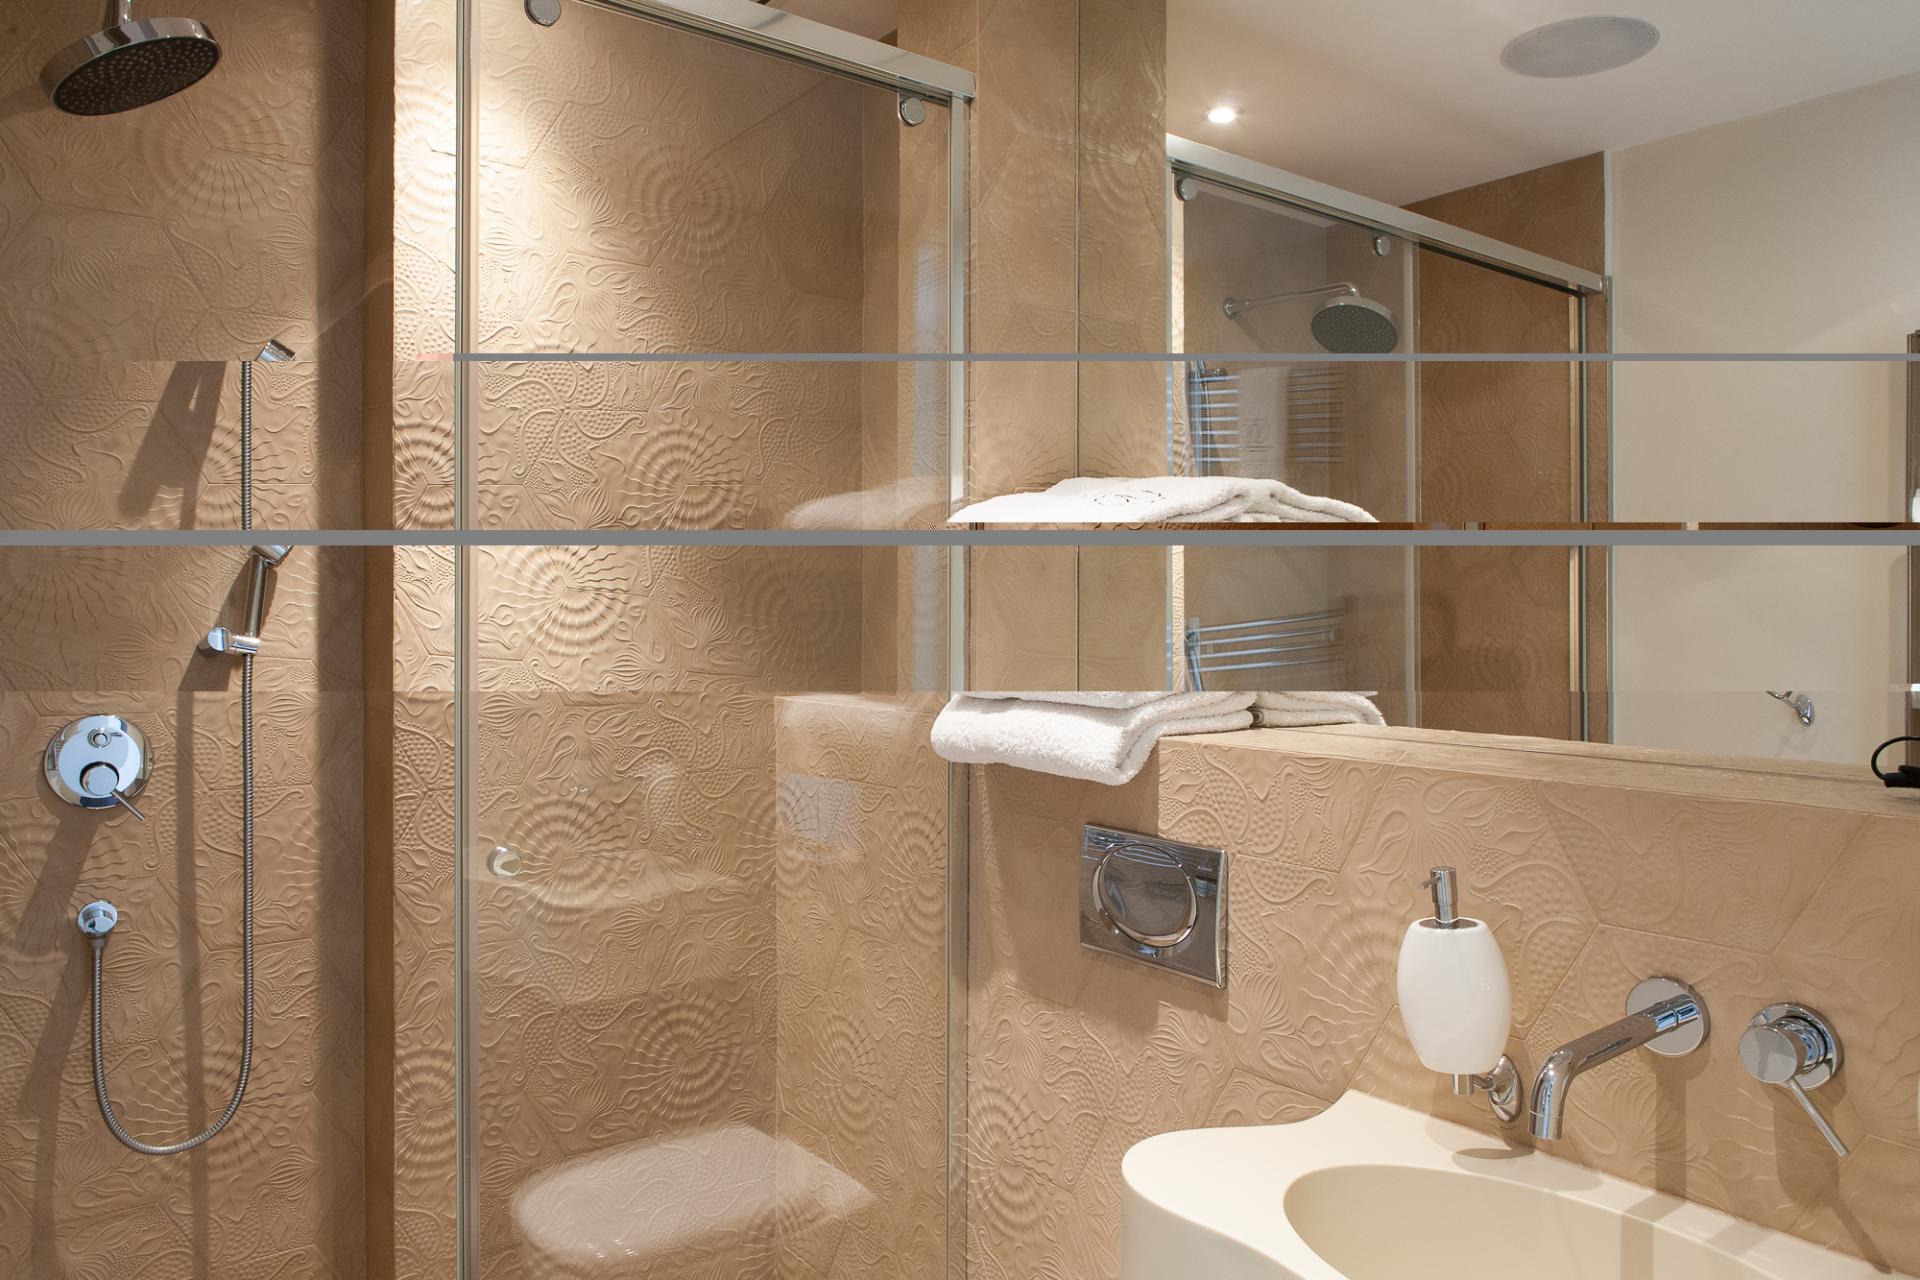 Bathroom at Grzybowska 61 Apartments, Centre, Warsaw